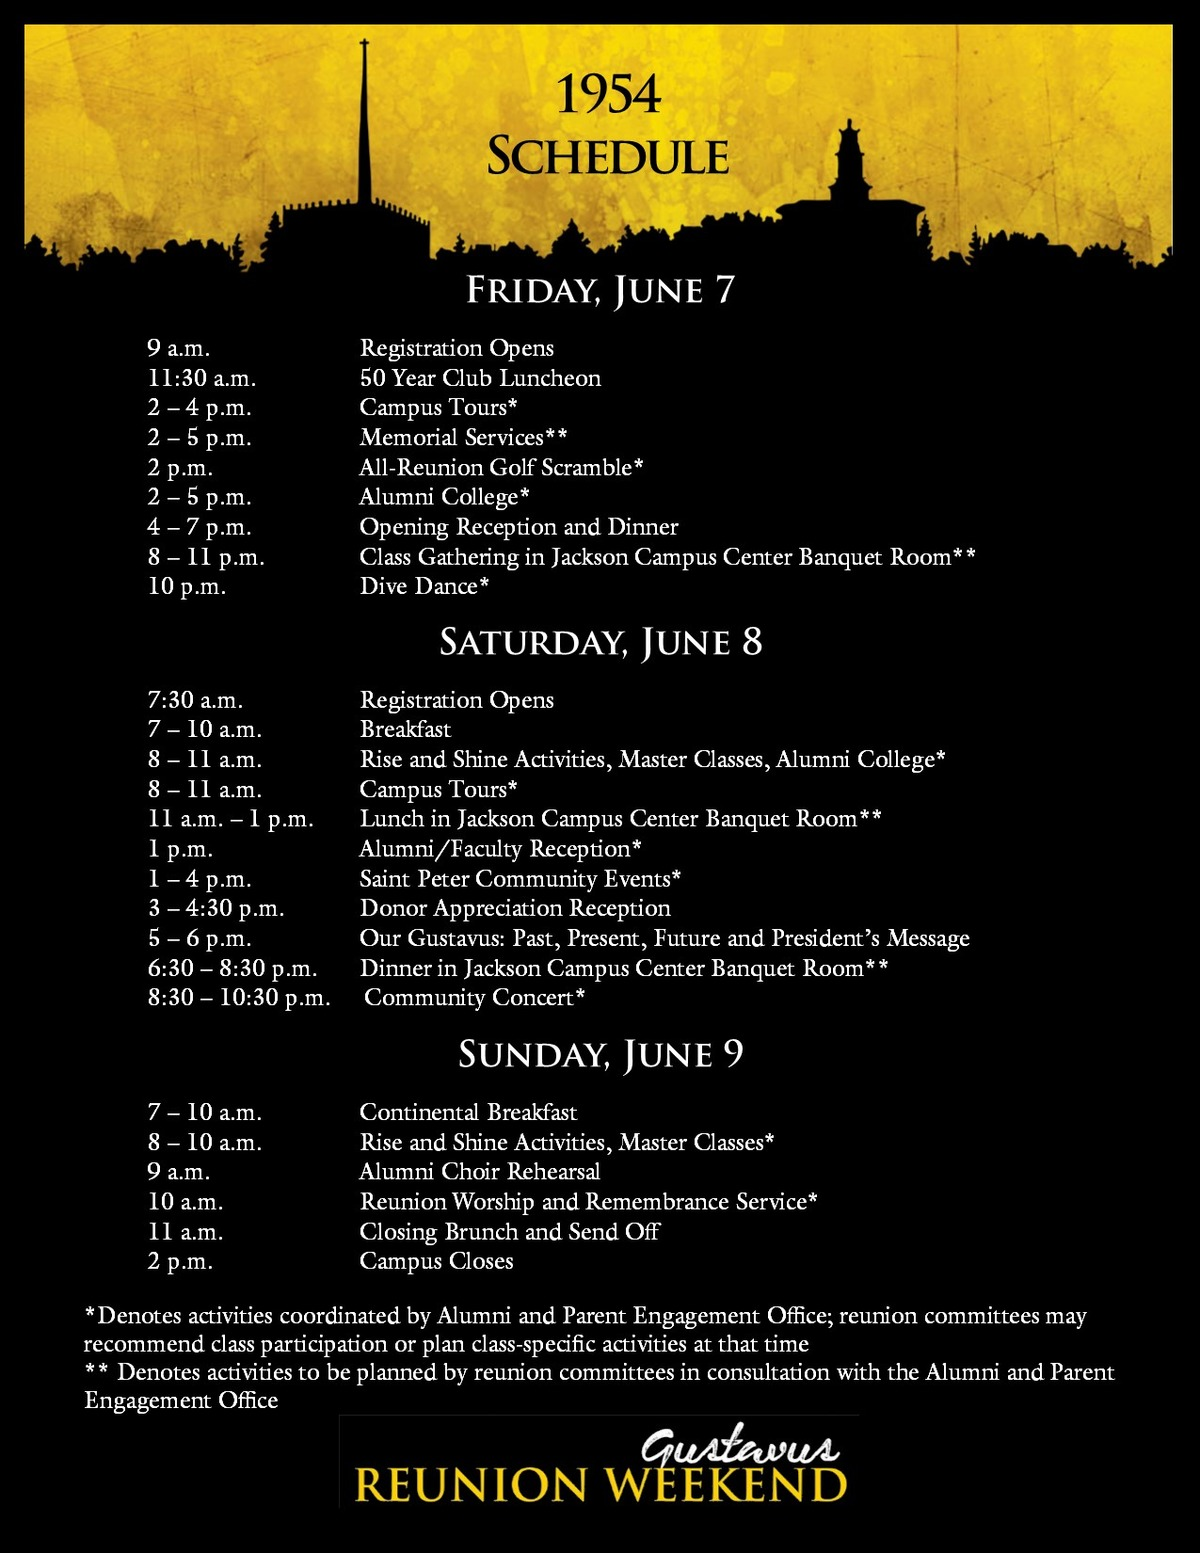 Class of 1954 Reunion Weekend Schedule